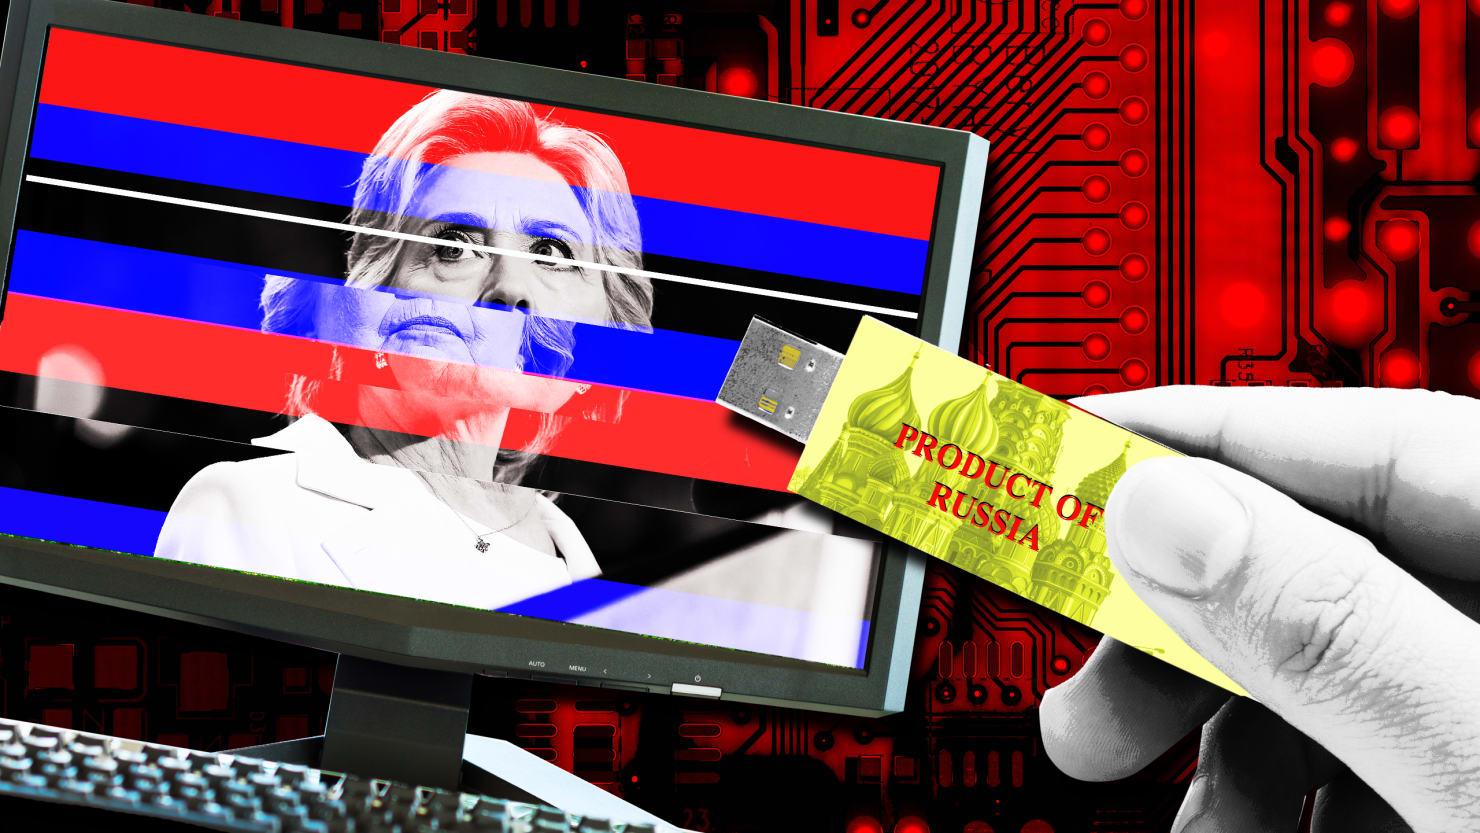 Картинки по запросу x-agent democrat party servers